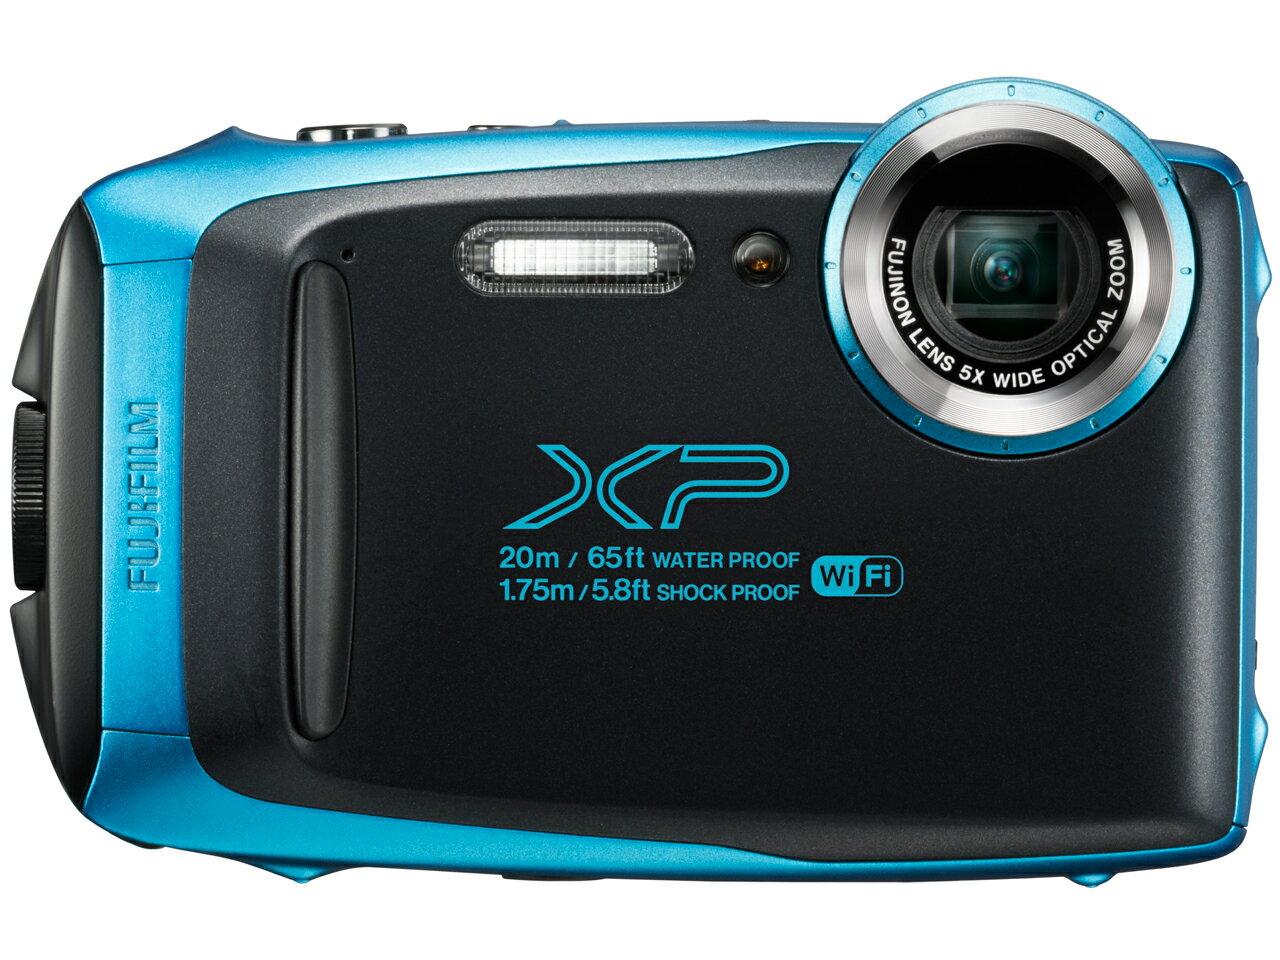 新品 FUJIFILM FinePix XP130 スカイブルー 有効画素数 1640万画素 防水 光学ズーム5倍 在庫有り フジ